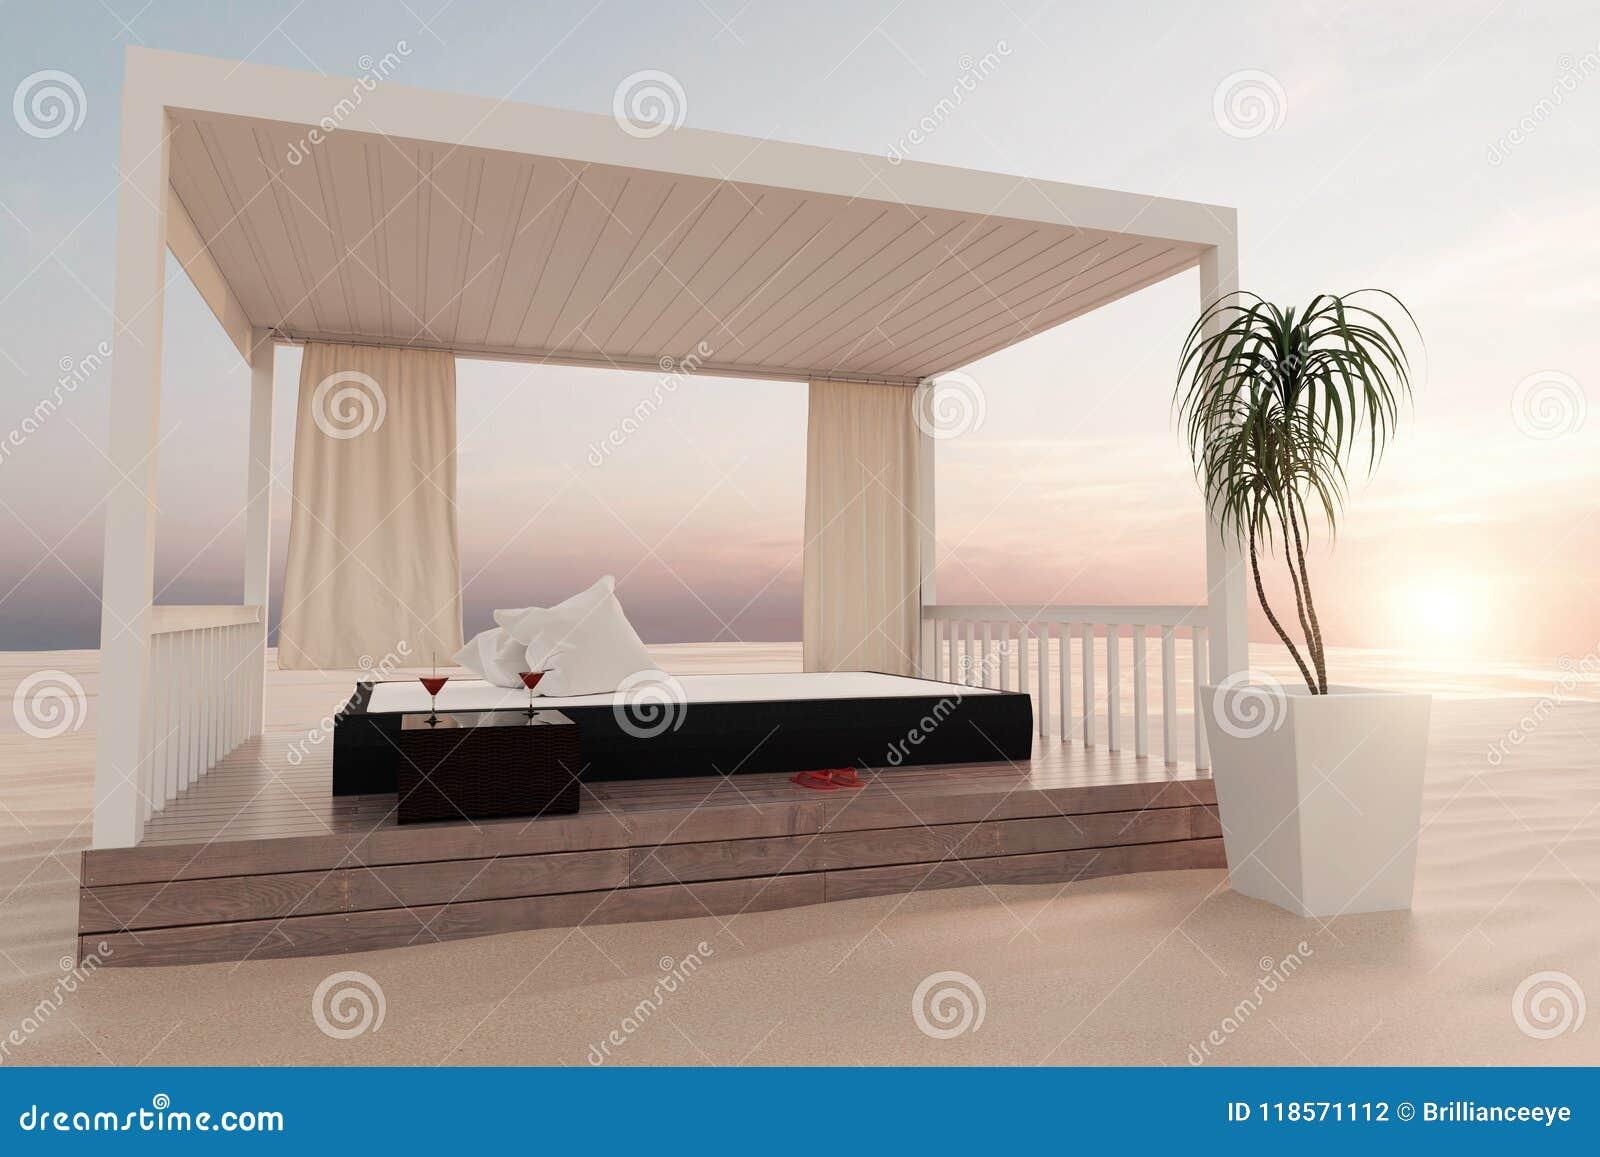 Lit Exterieur Design rendu 3d de patio en bois avec le lit à la plage de sable